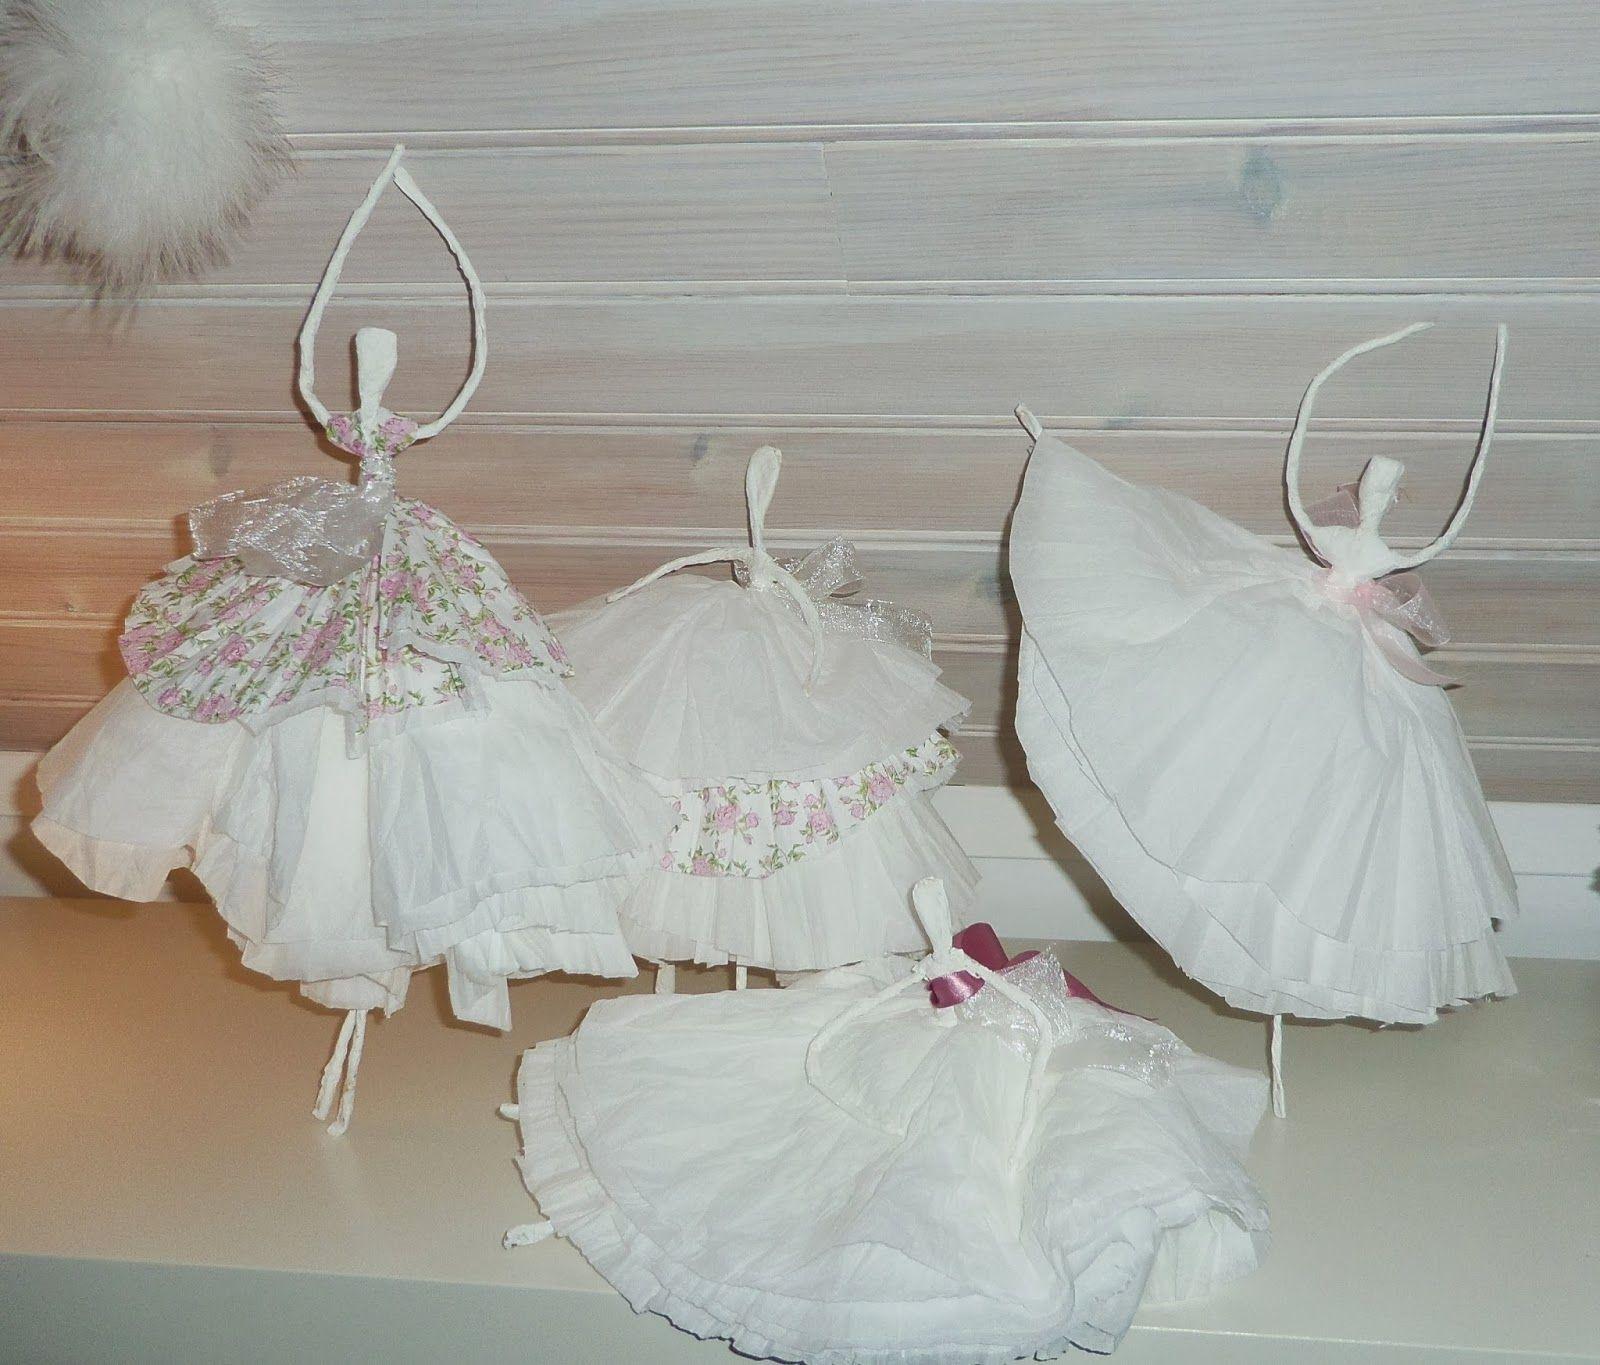 Chambre Danseuse Etoile concernant bricreatif: danseuse etoile de degas | chambre julia | pinterest